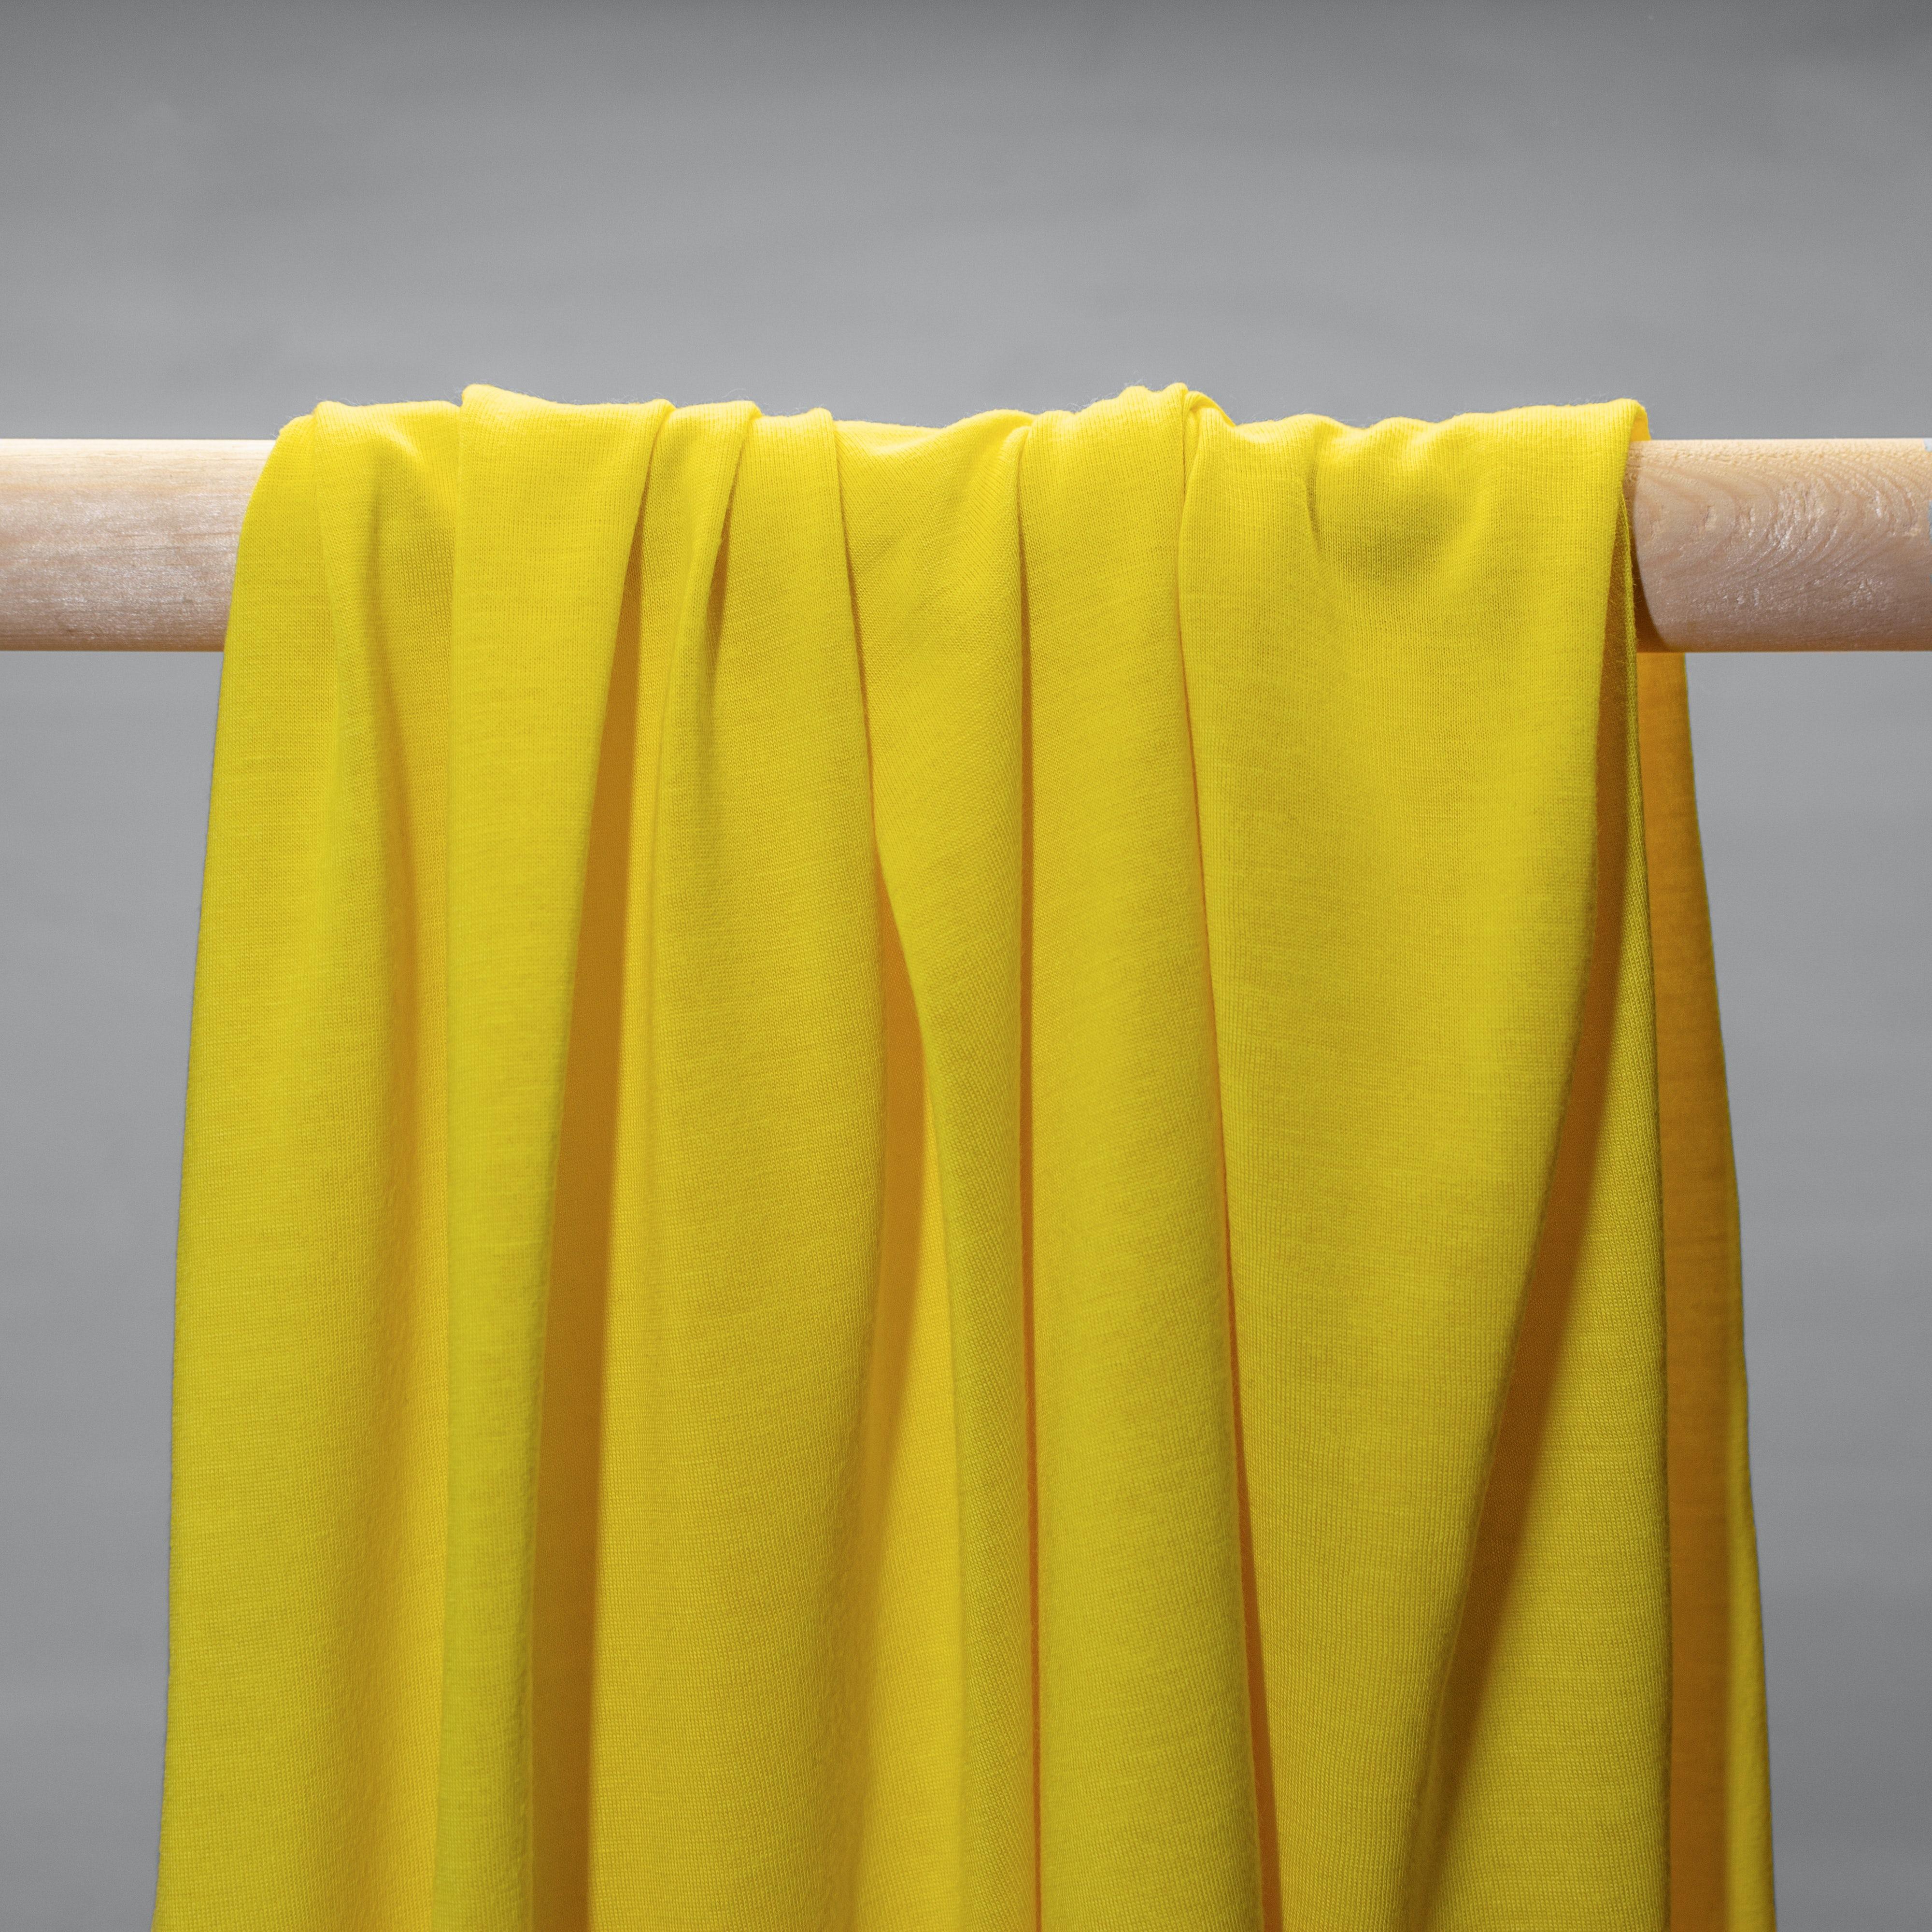 Gelber Jersey hängend in Falten.